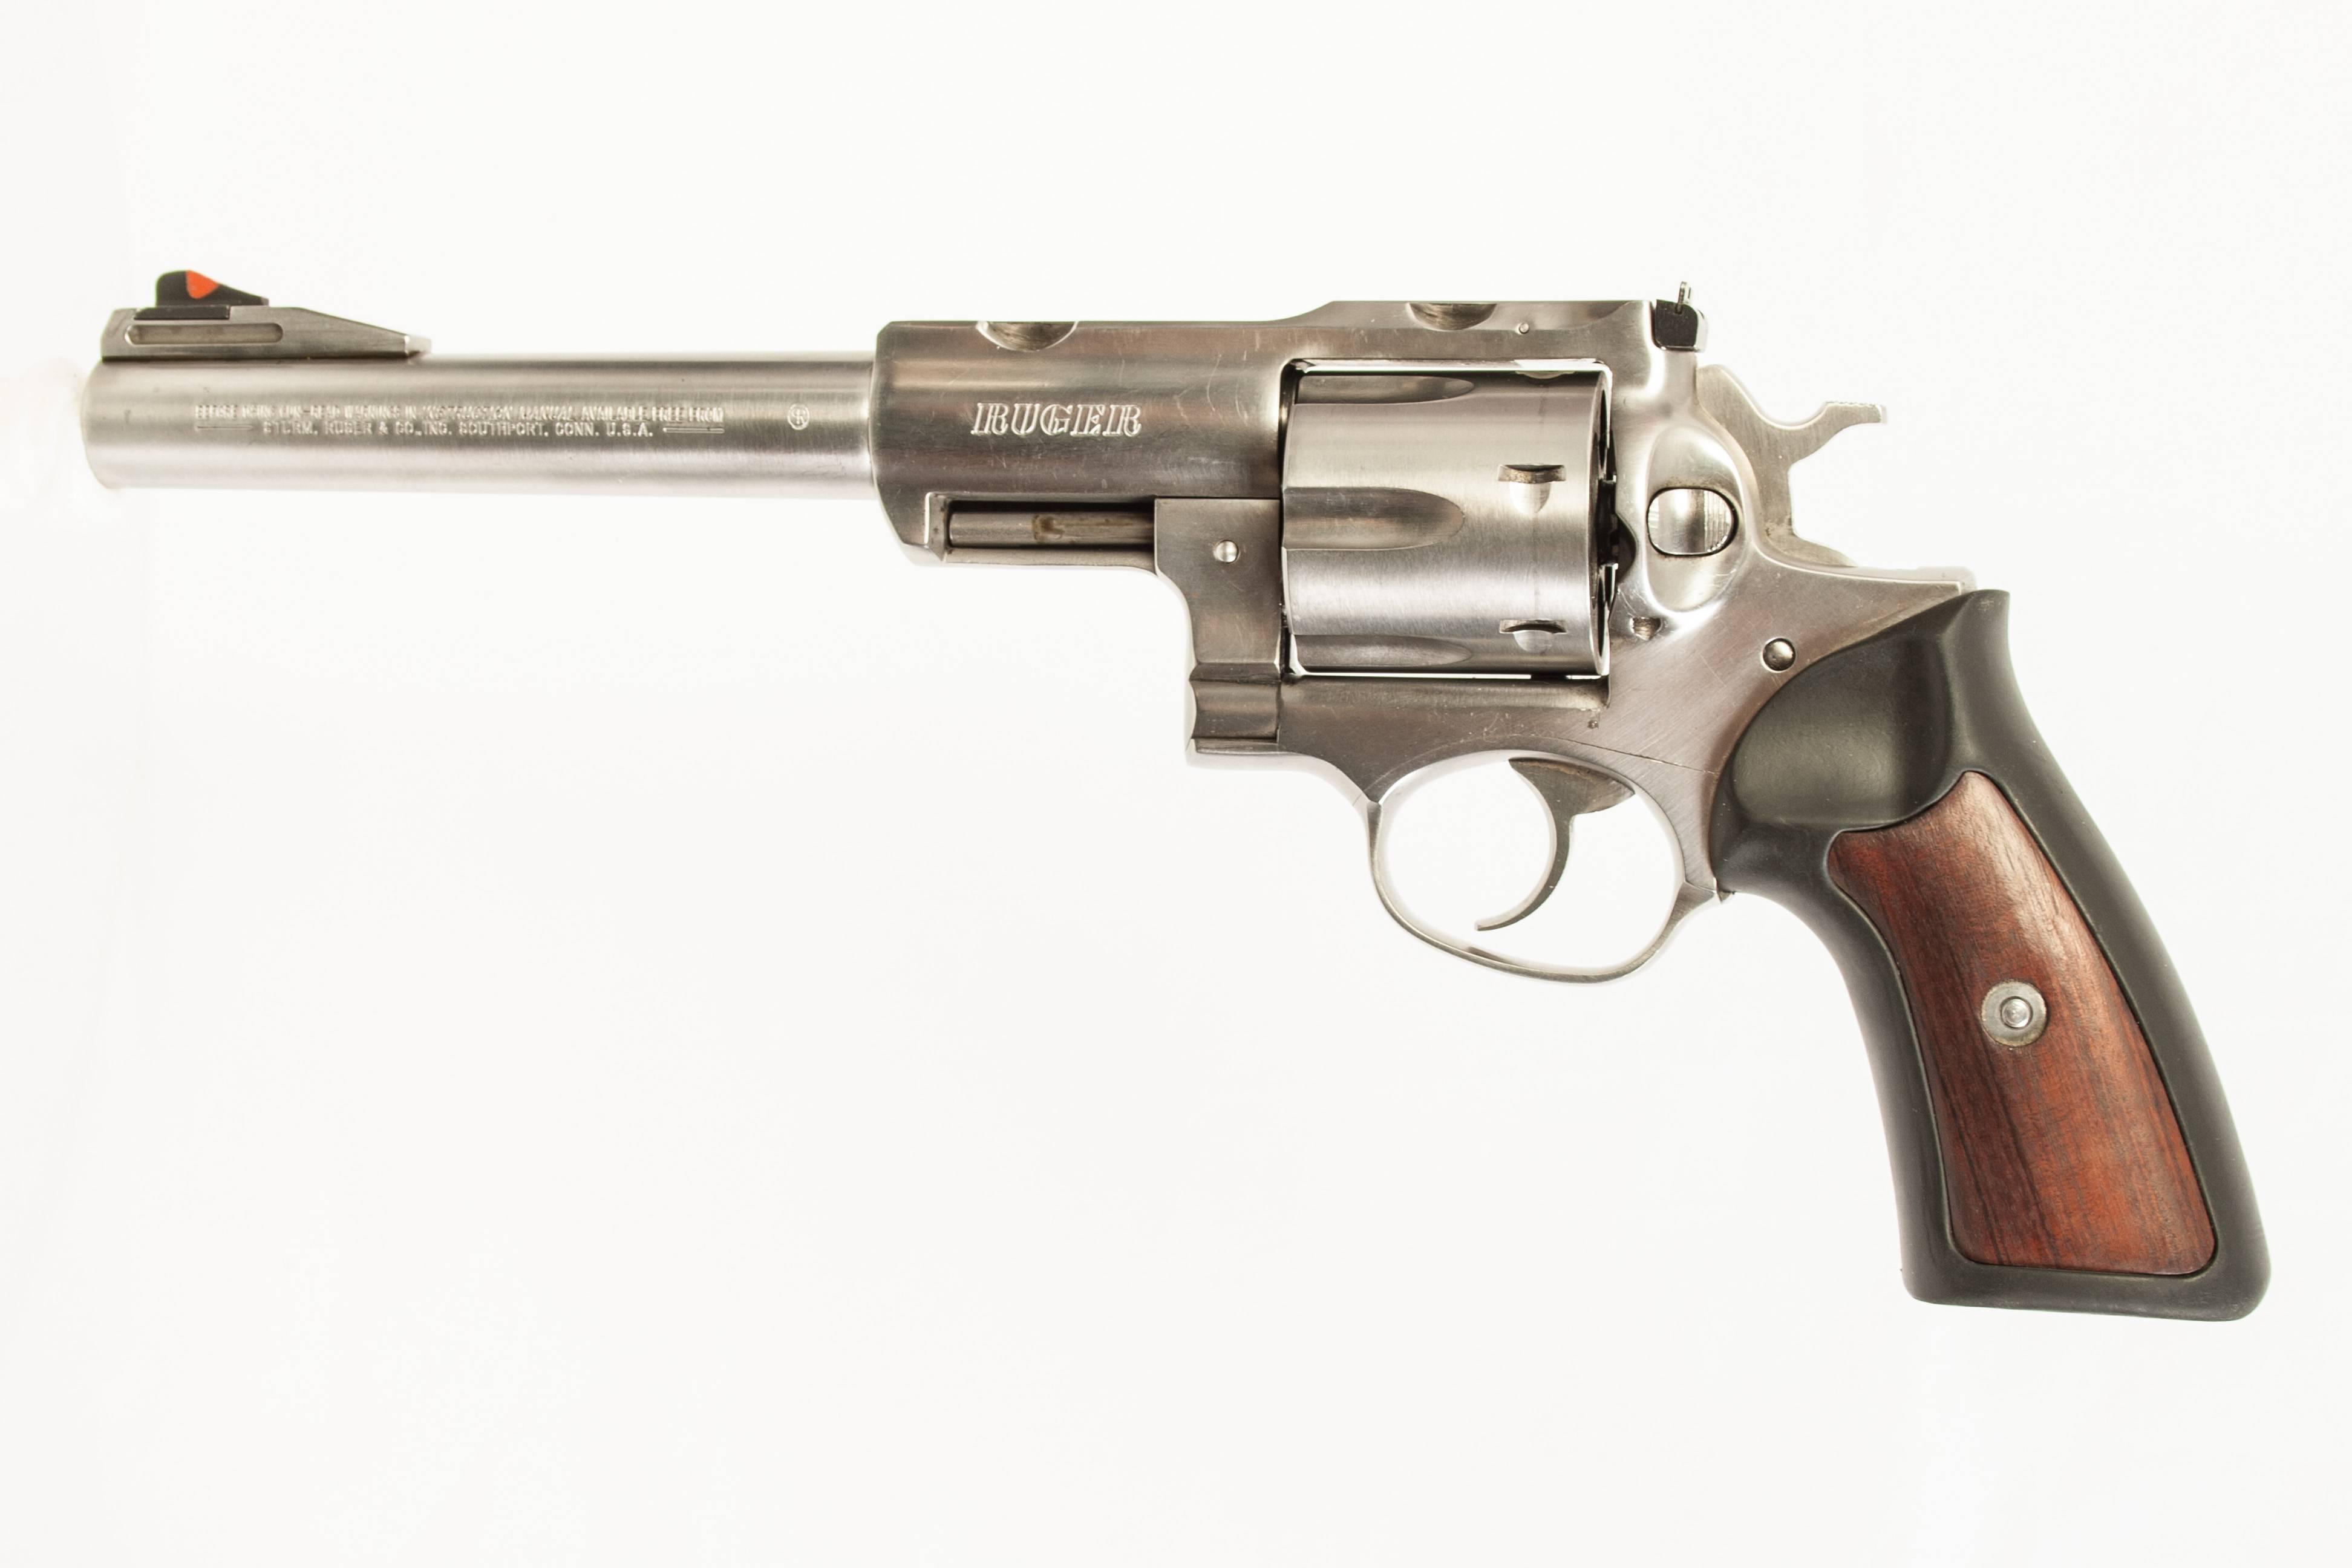 желающий может российские револьверы характеристики фото этом шаге